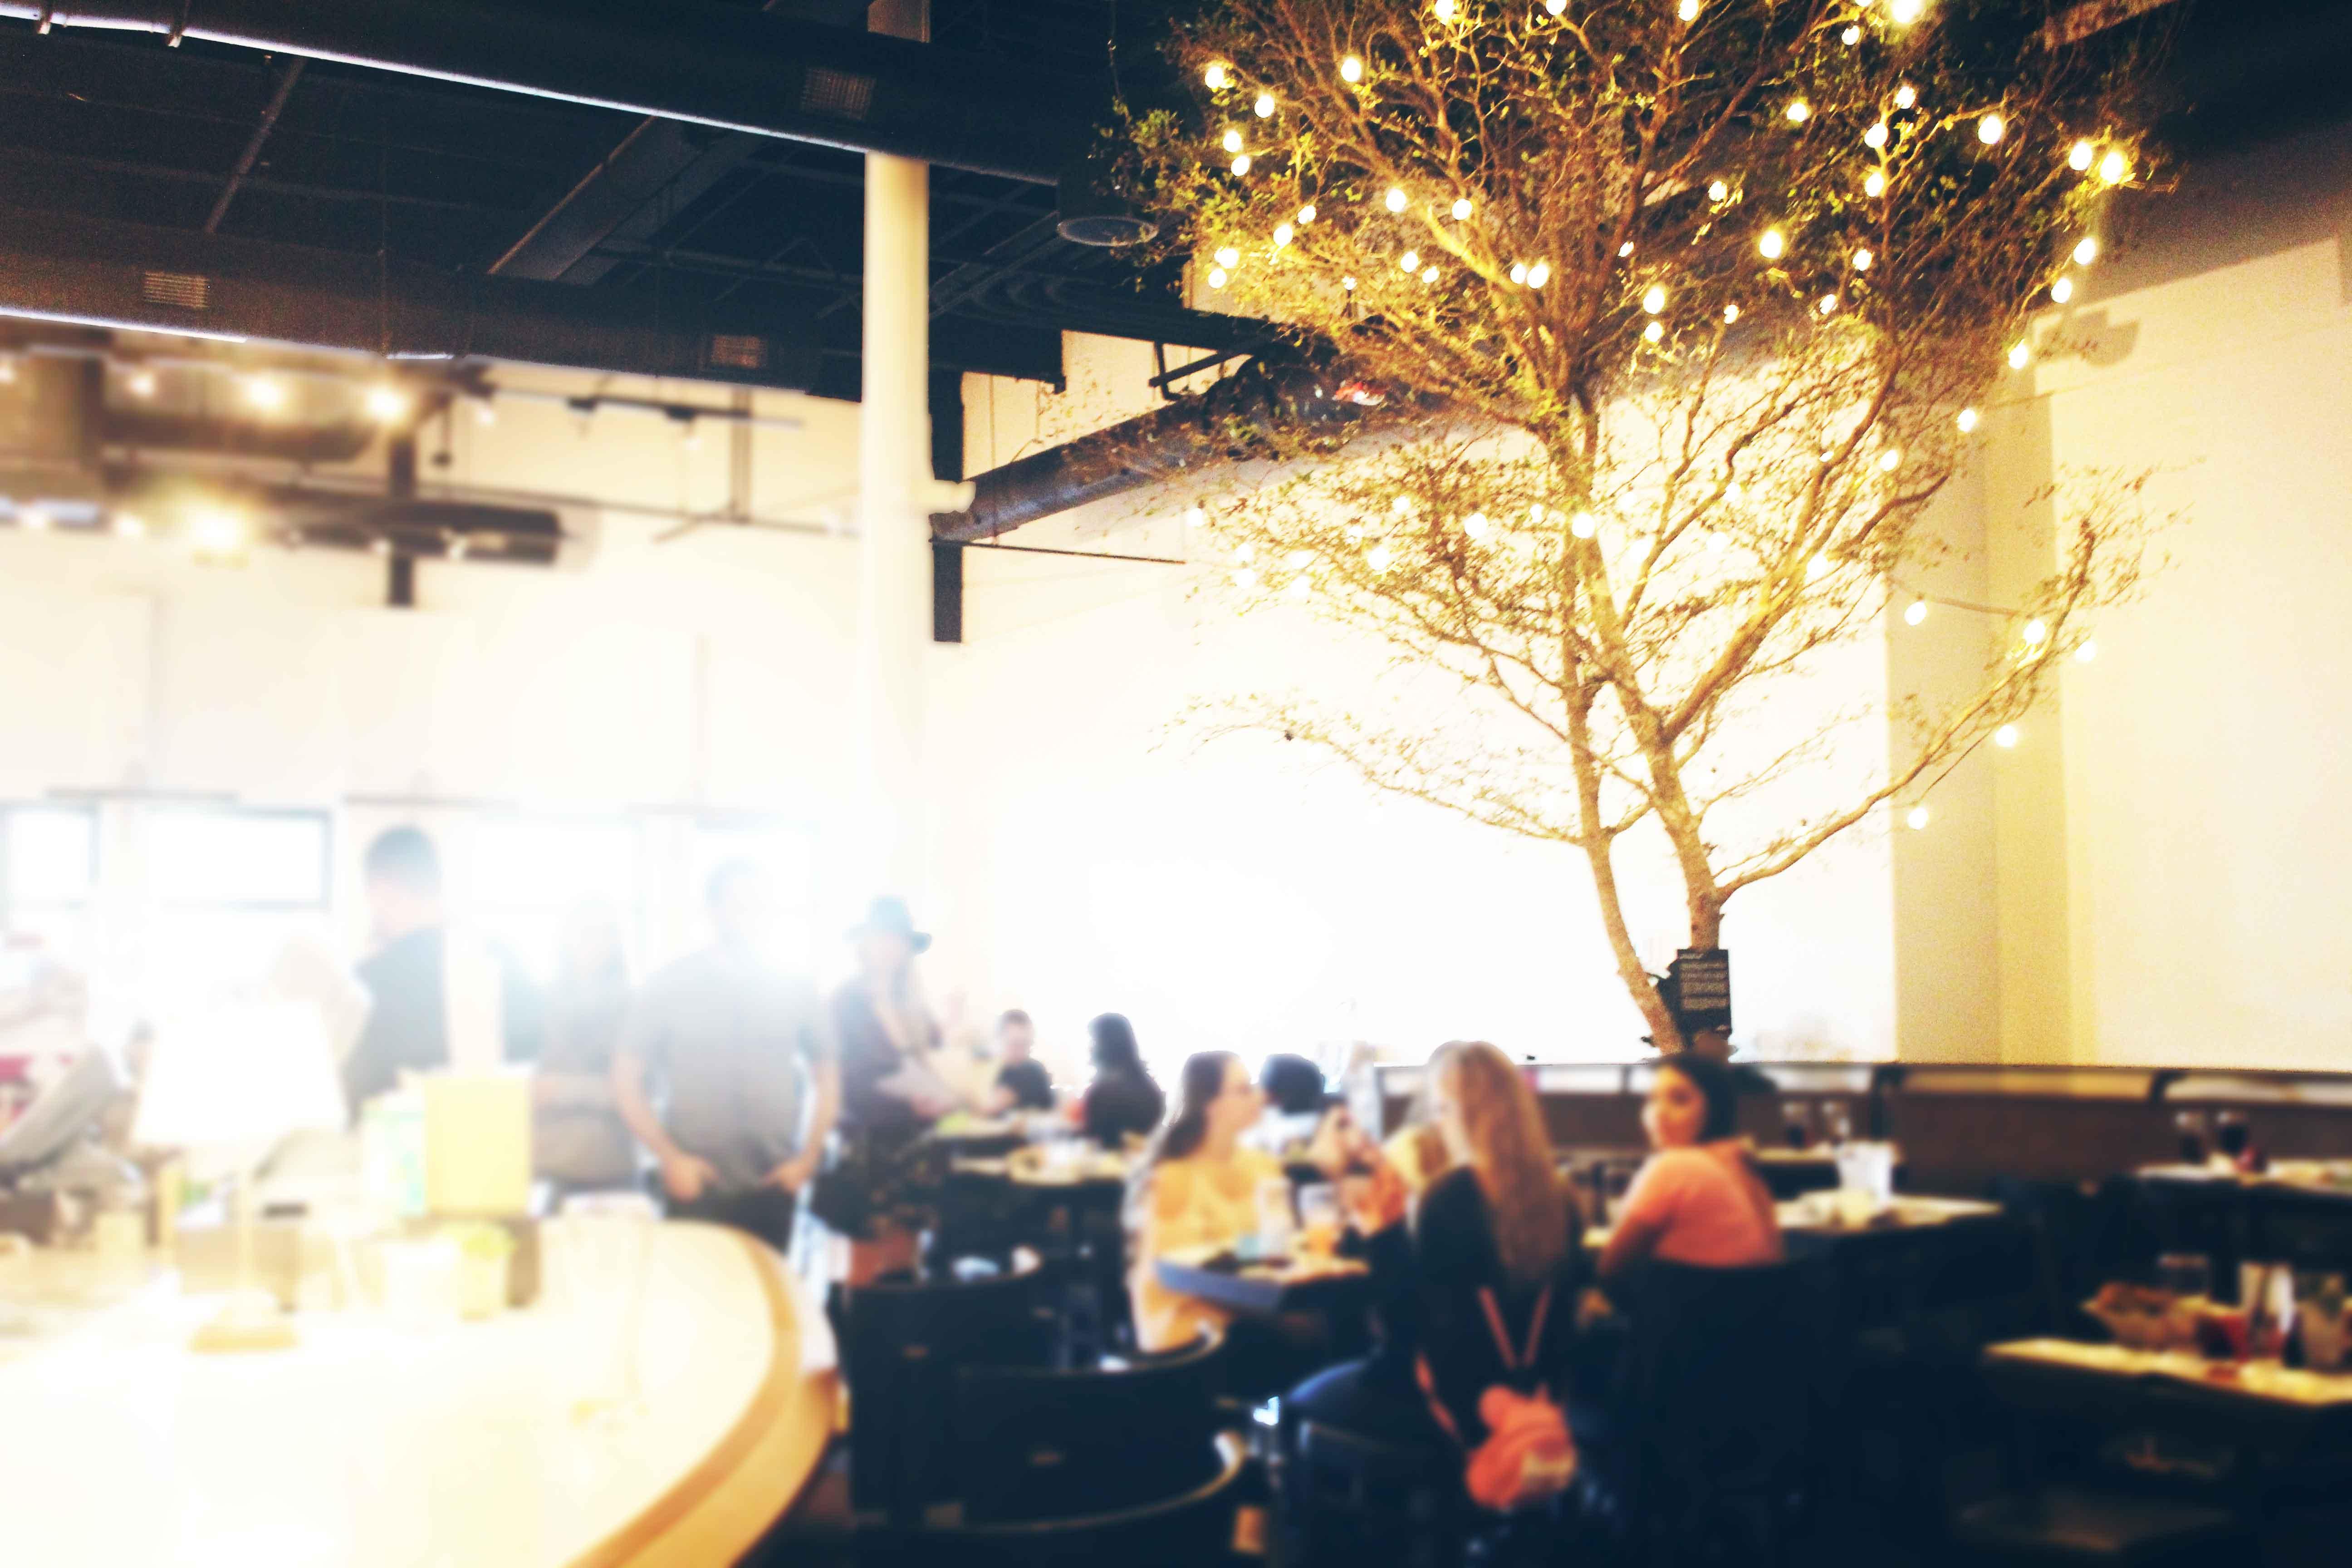 MidiCi The Neapolitan Pizza Company, St. Pete, FL | Review